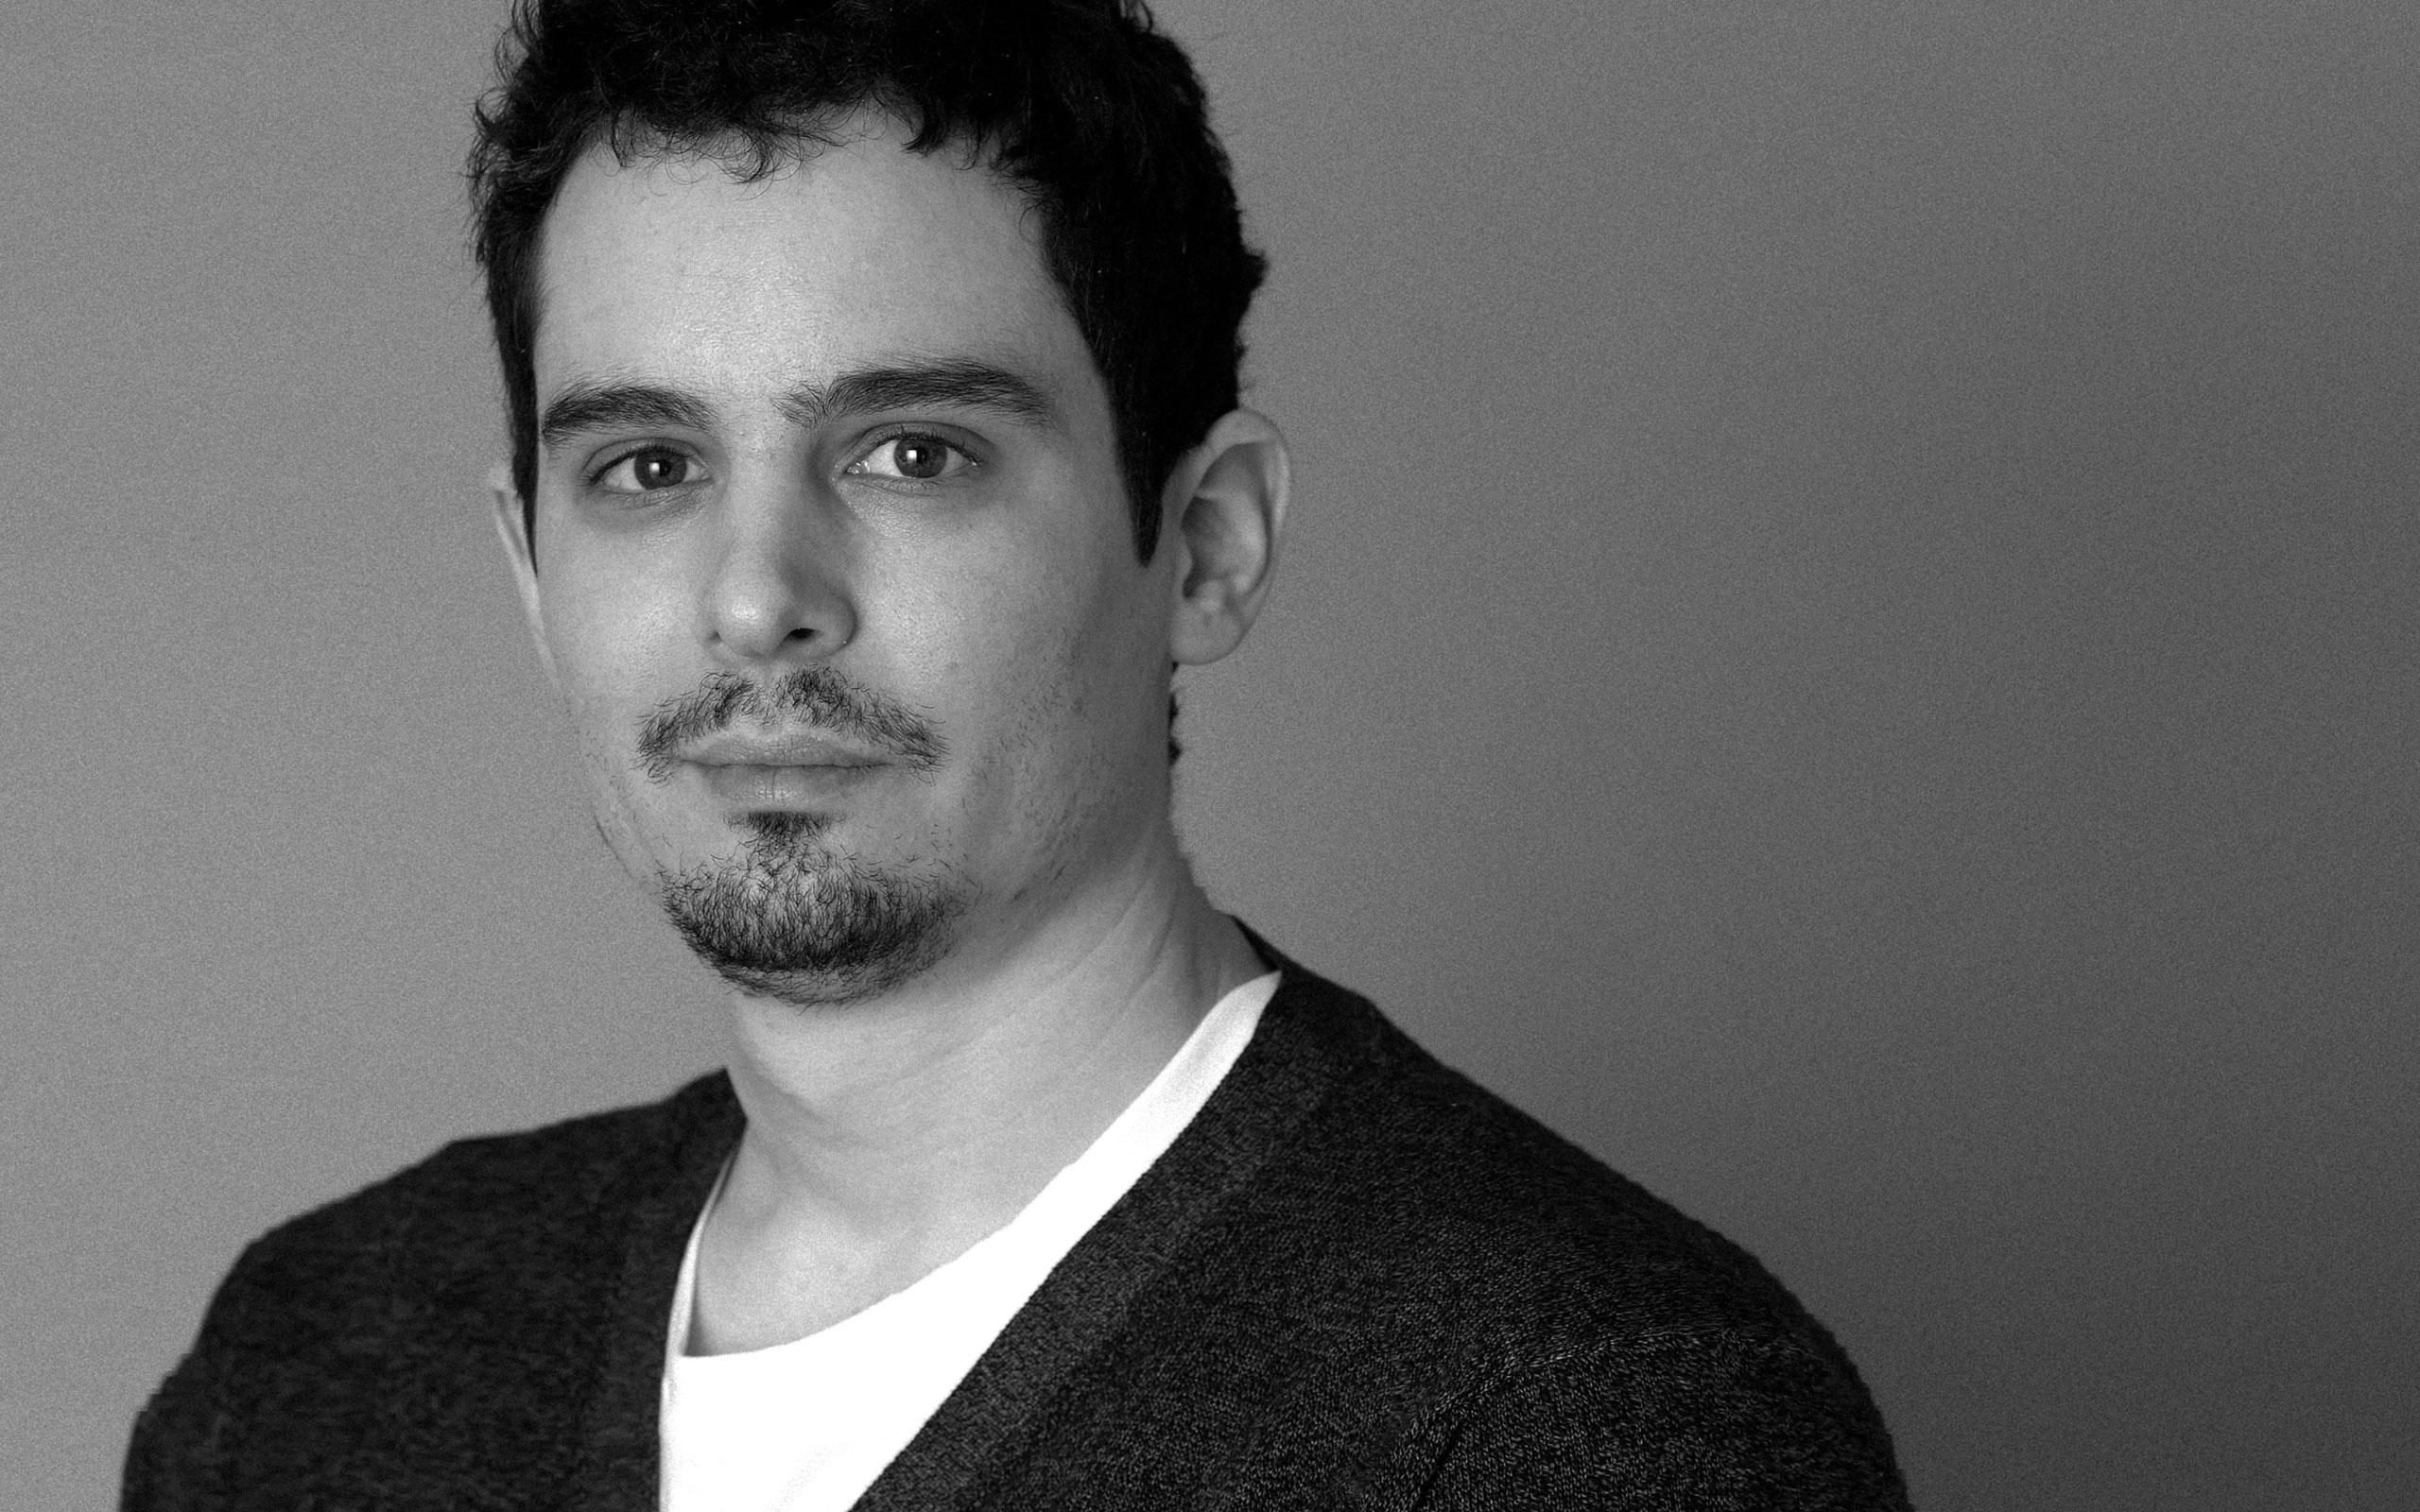 音楽の持つ絶対的な力を信じ続ける映画監督、デイミアン・チャゼルが描く『ラ・ラ・ランド』に起きた奇跡とは